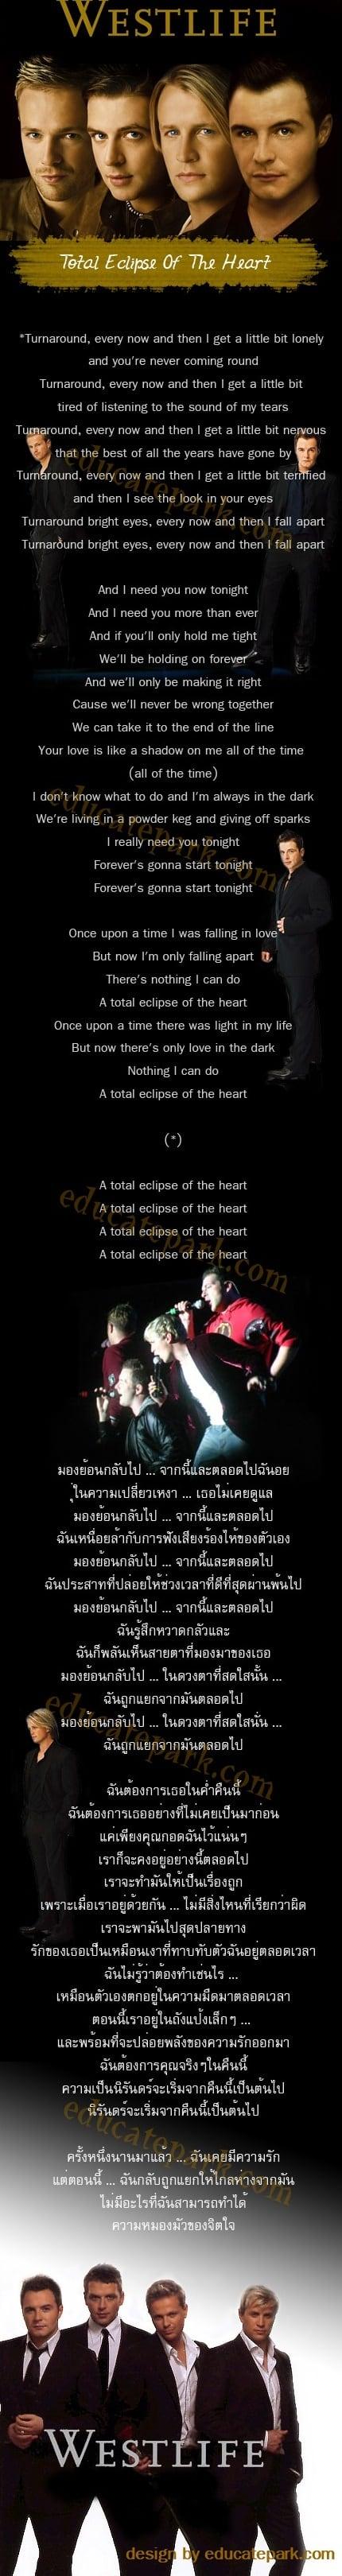 แปลเพลง Total Eclipse Of The Heart - Westlife